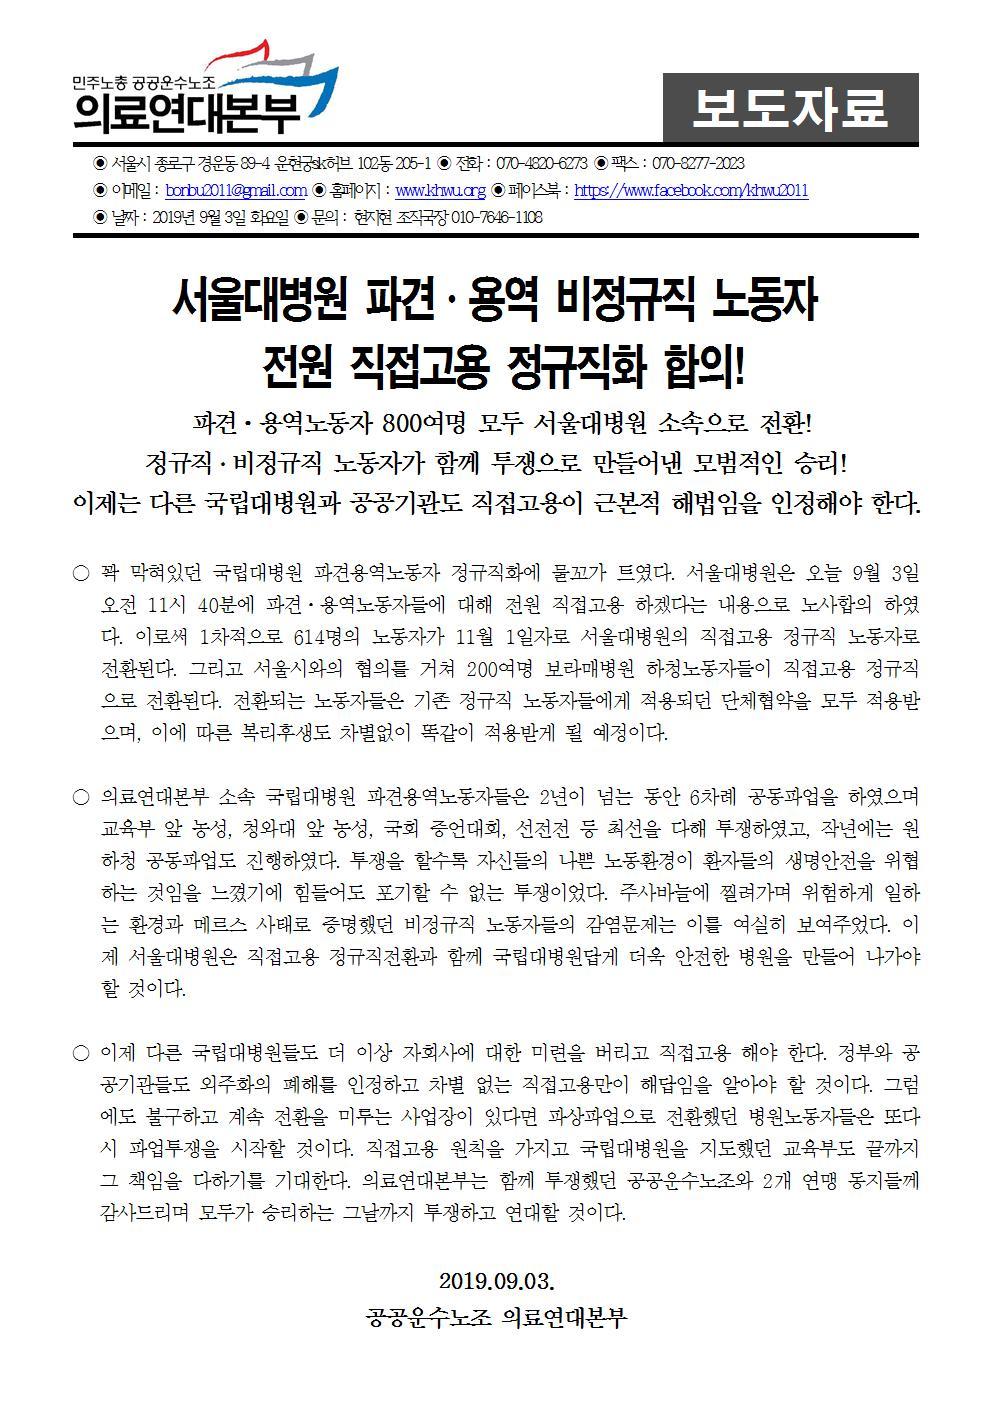 190903_보도자료_서울대병원 정규직화 합의001.jpg